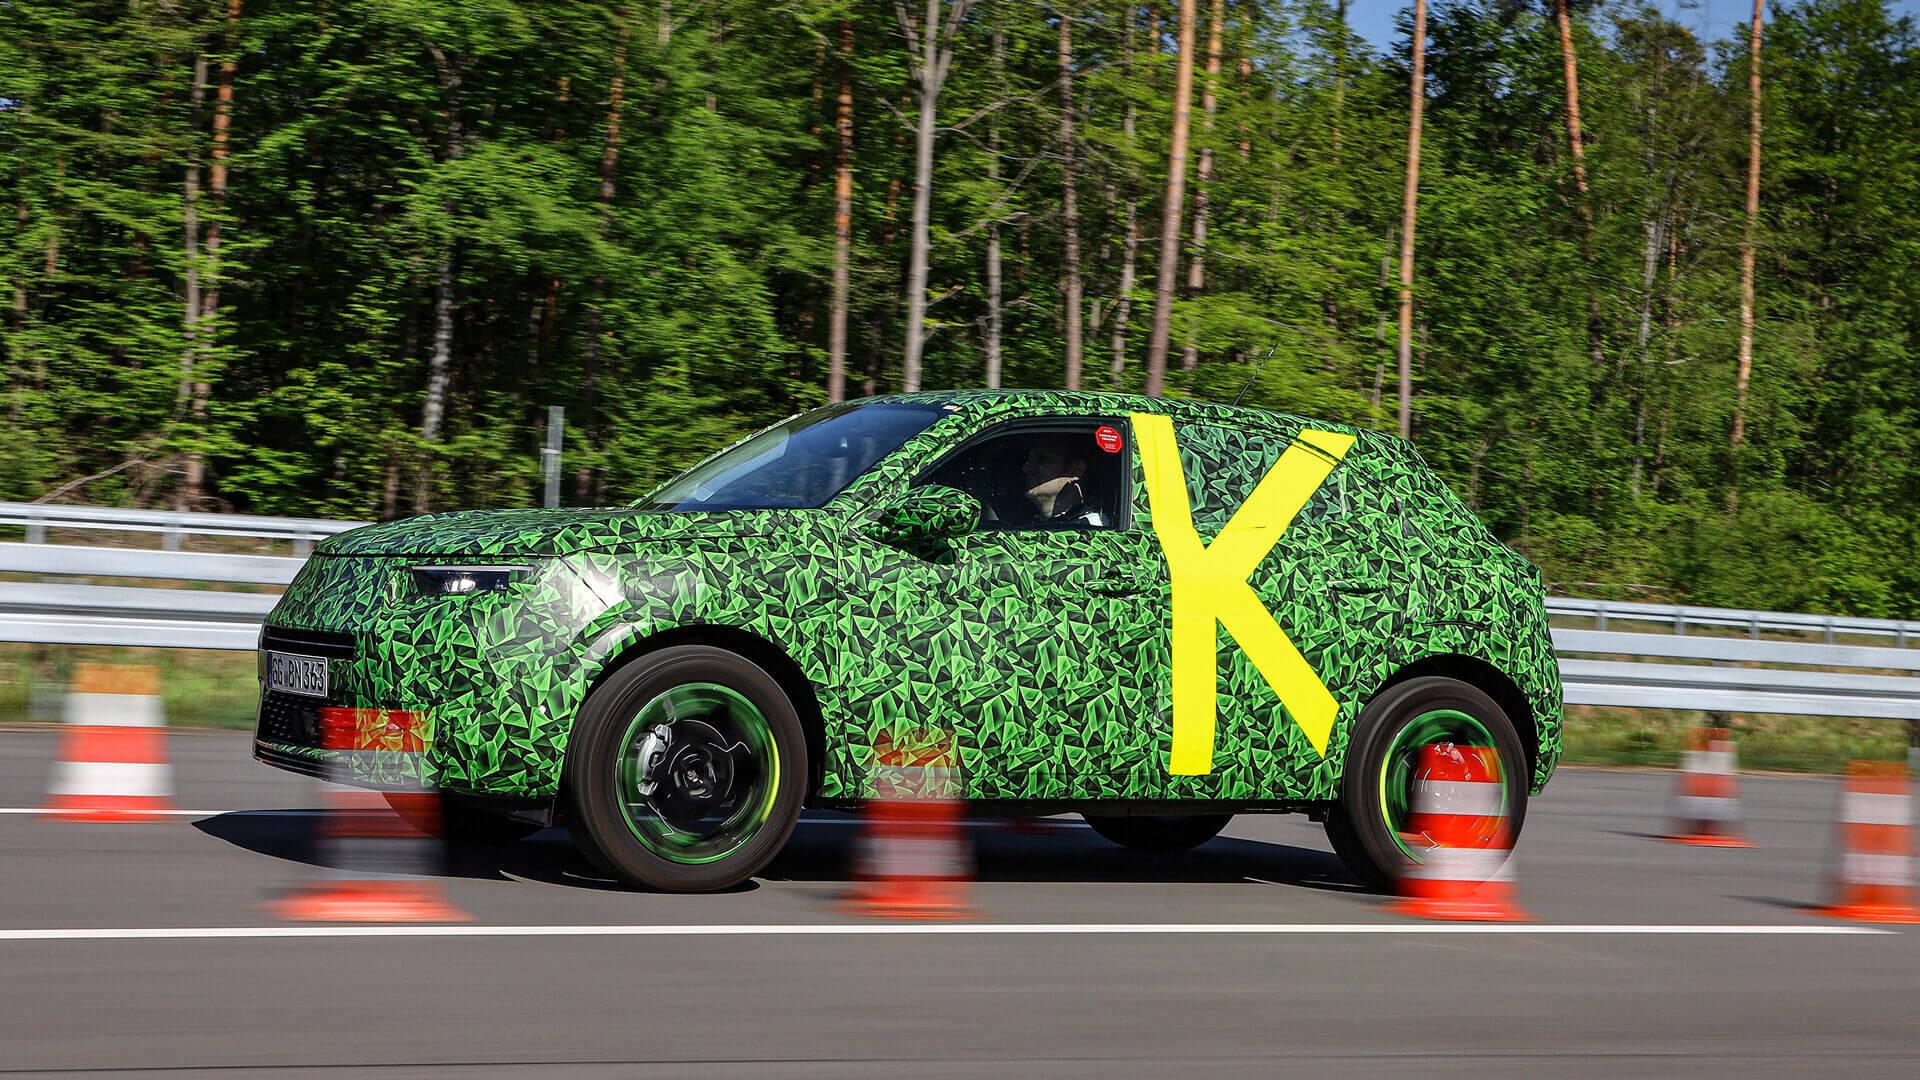 Opel Mokka второго поколения будет доступен с полностью электрической трансмиссией